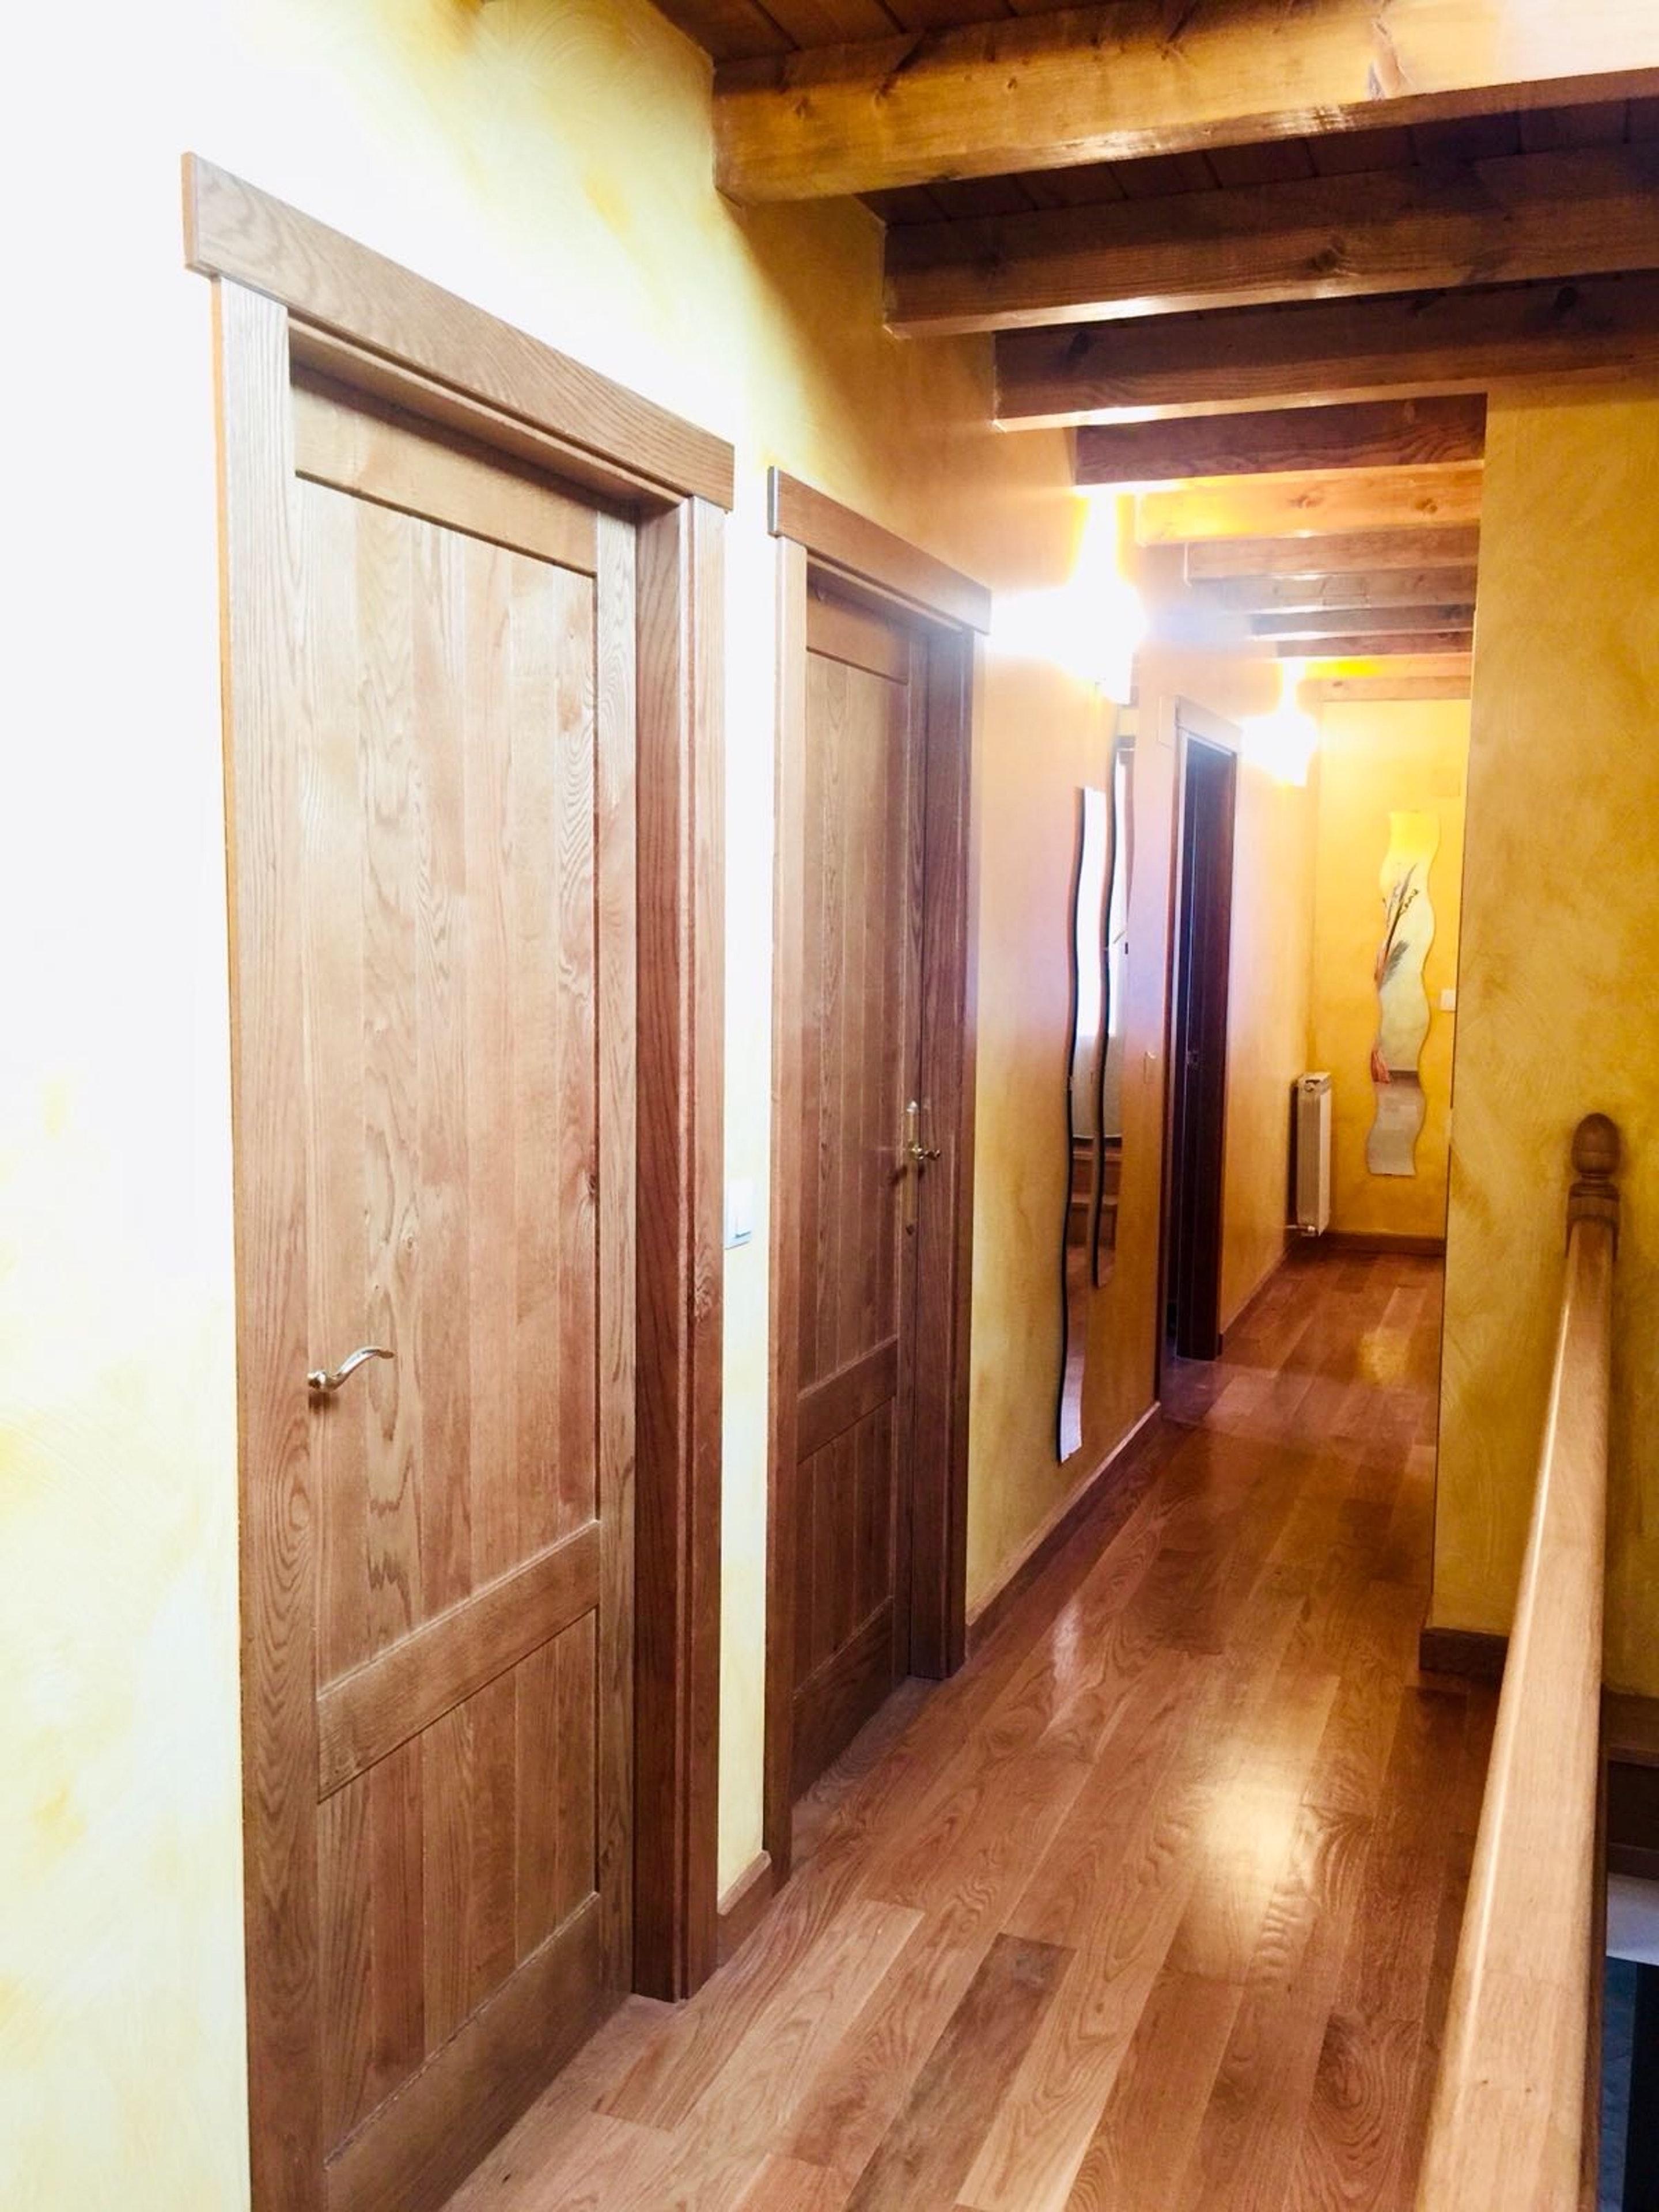 Ferienhaus Haus mit 3 Schlafzimmern in Arellano mit toller Aussicht auf die Berge und möblierter Terr (2420299), Arellano, , Navarra, Spanien, Bild 15